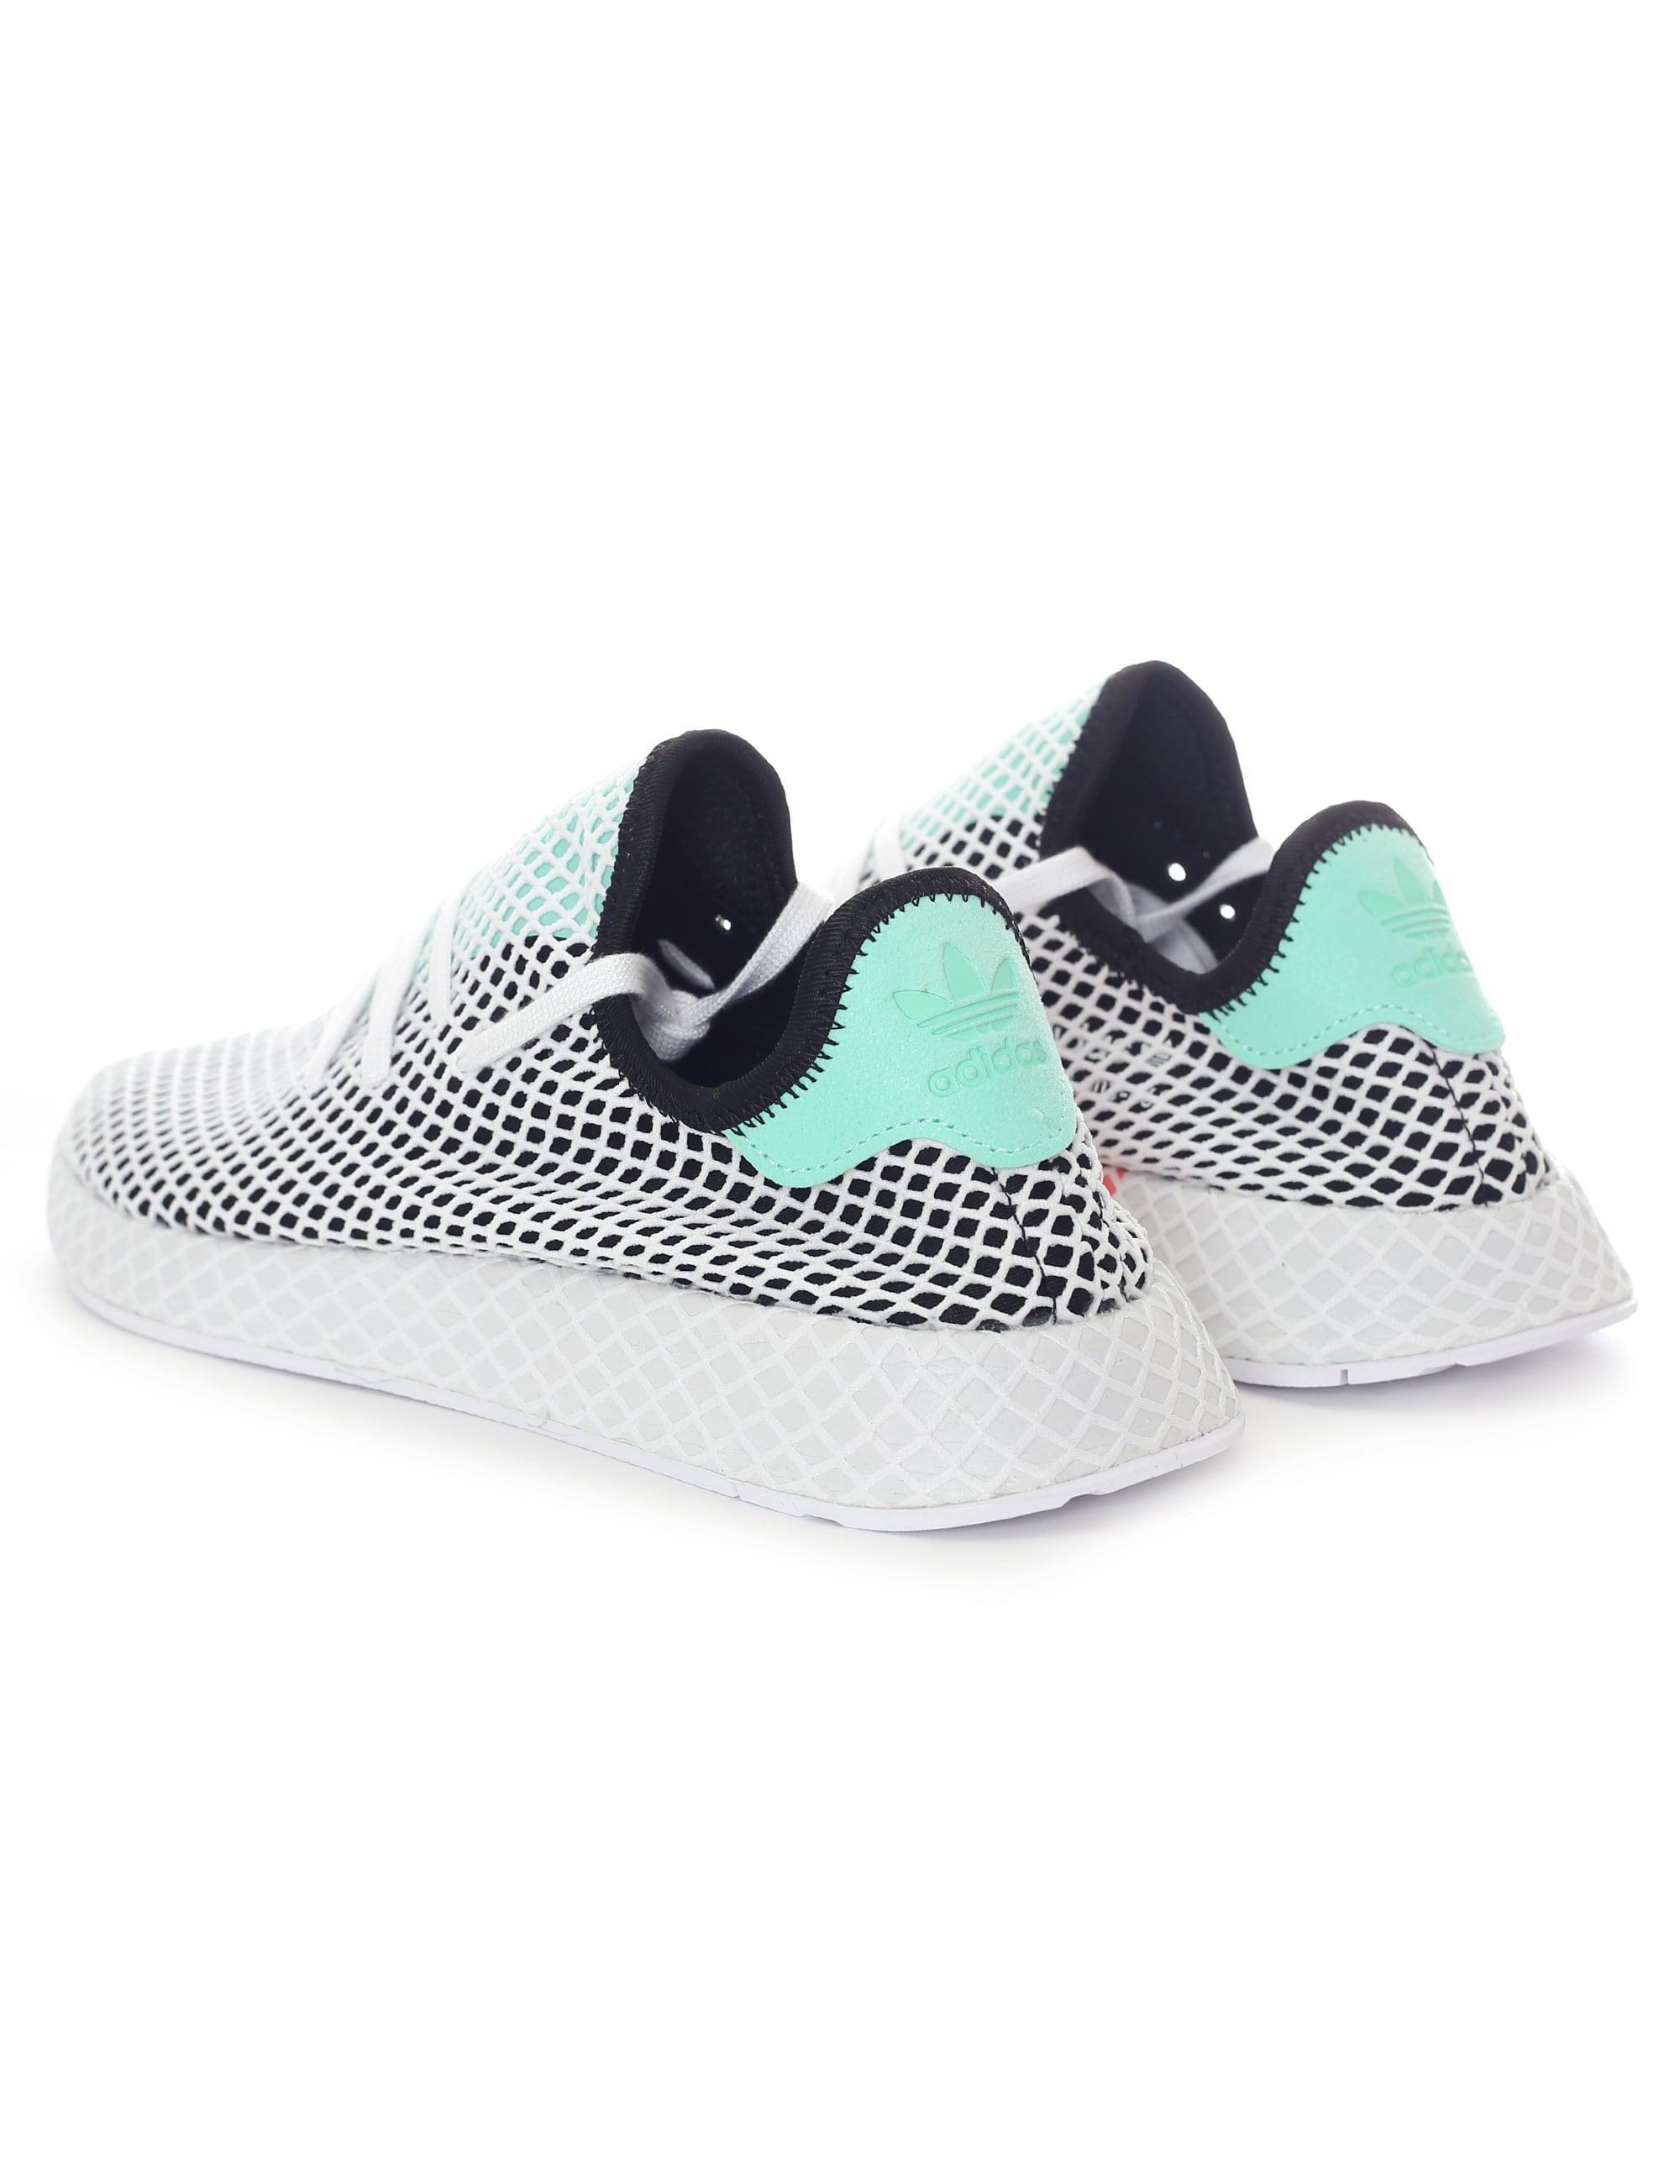 aab7be585 adidas Men s Deerupt Runner Trainer Core Black easy Green footwear ...